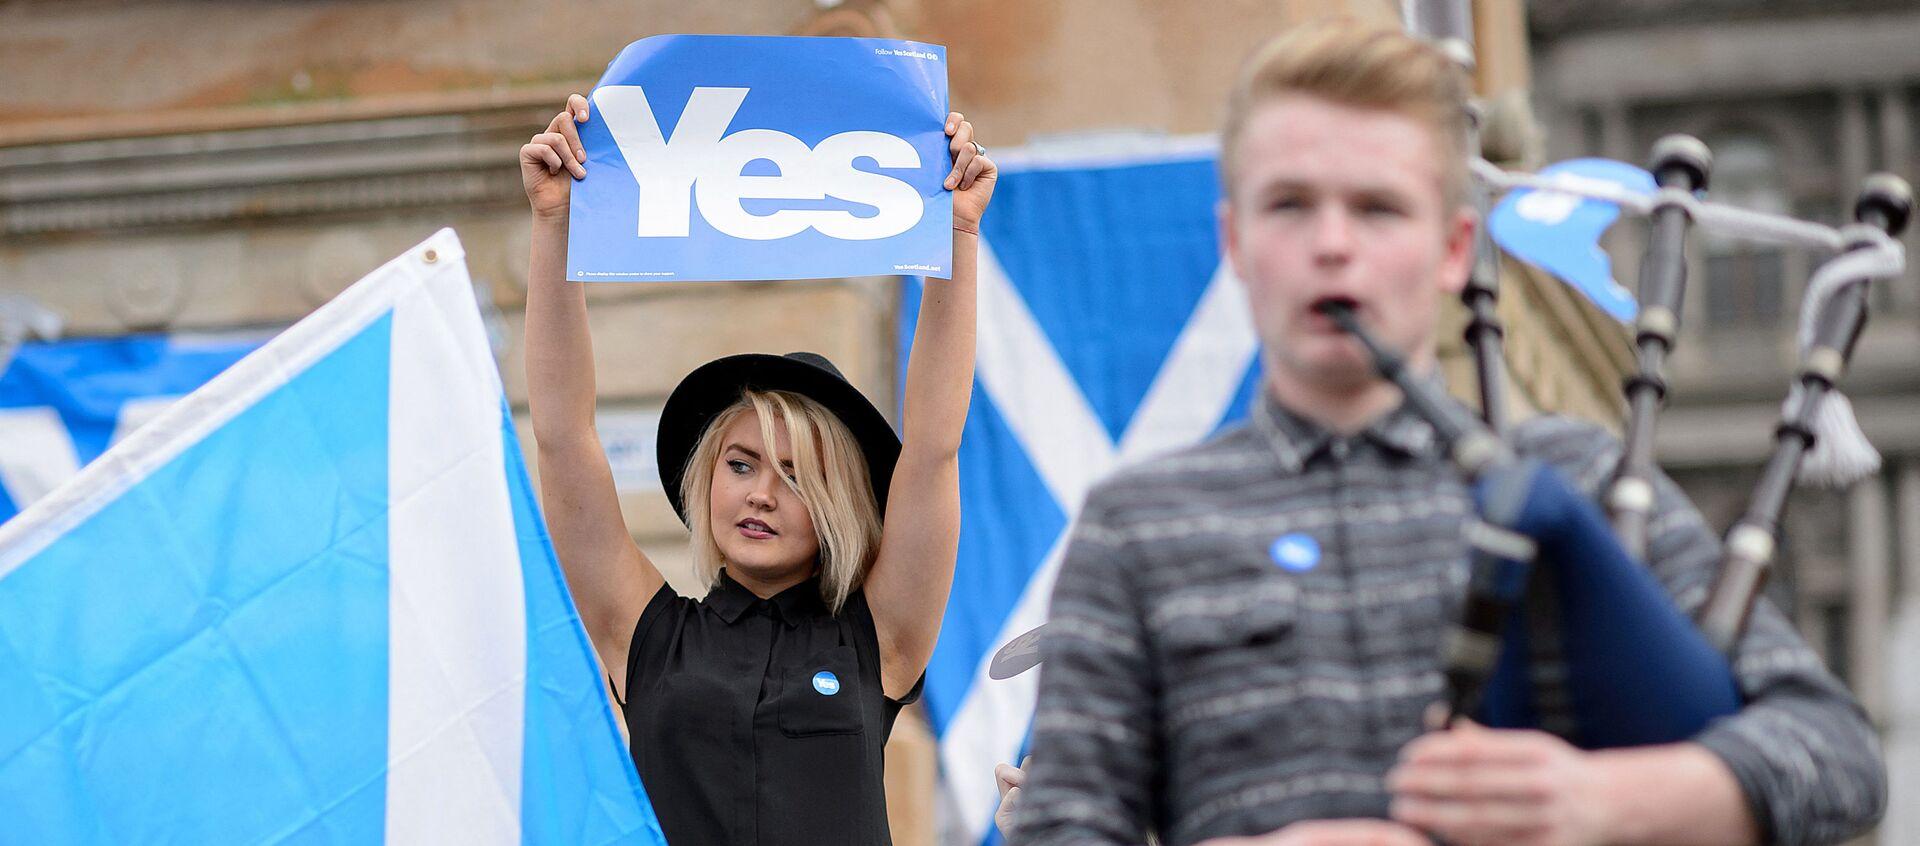 Митинг в преддверии референдума в Шотландии, 17 сентября 2014 года  - Sputnik Азербайджан, 1920, 24.03.2021